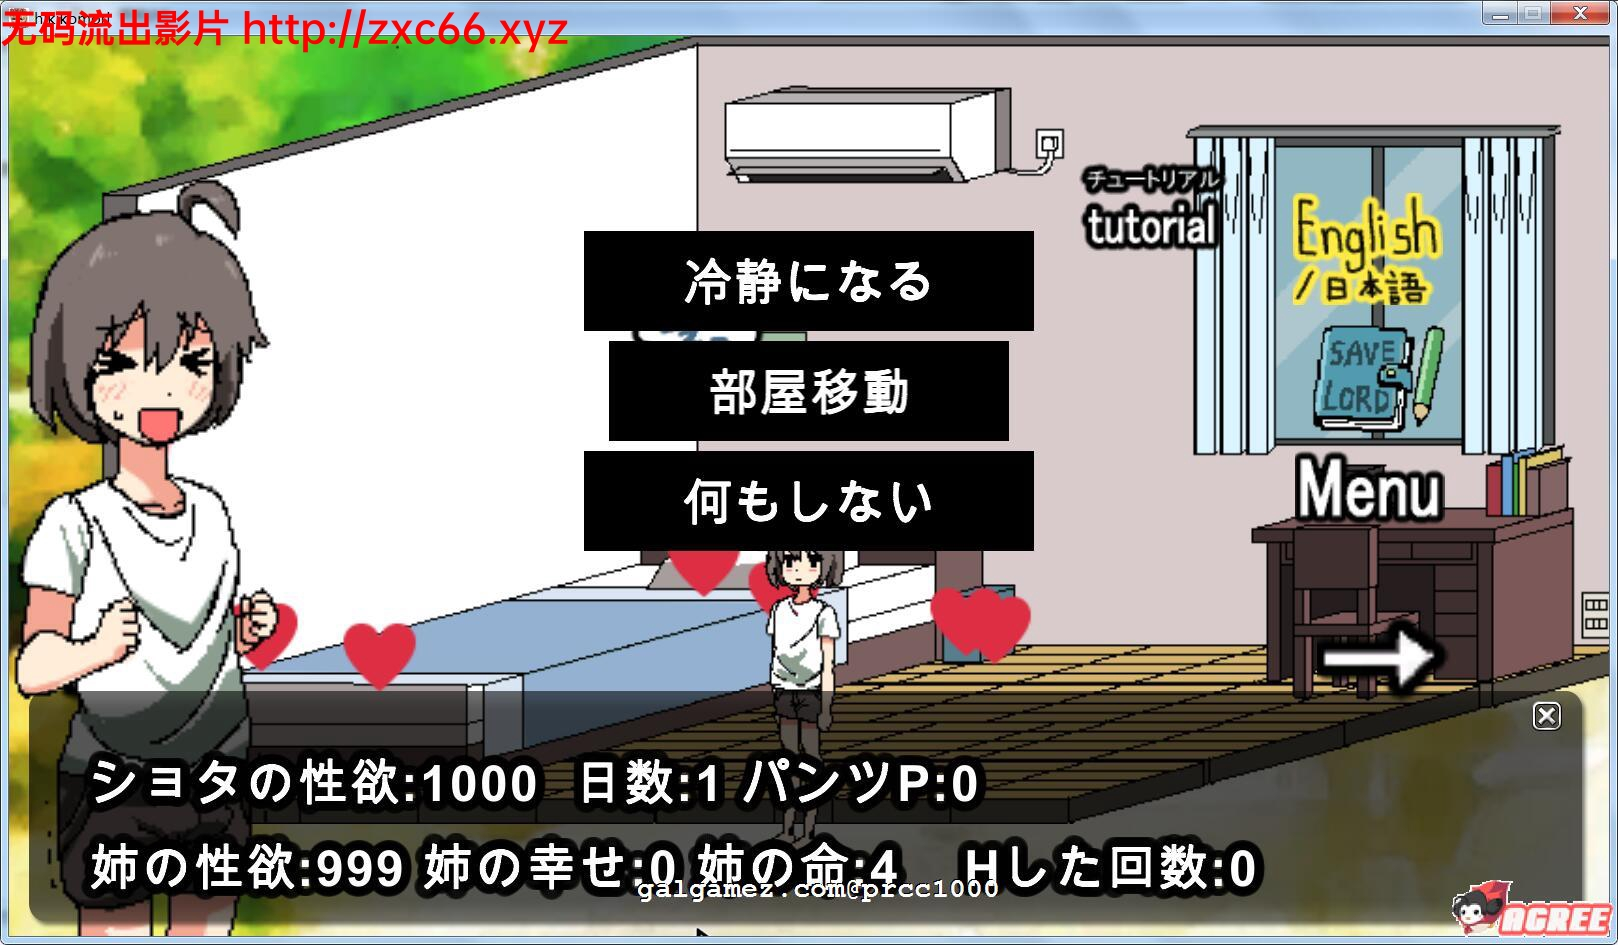 【互动SLG/像素风/动态】和家里蹲死宅女姐姐的エロ生活!完整正式版【980M】